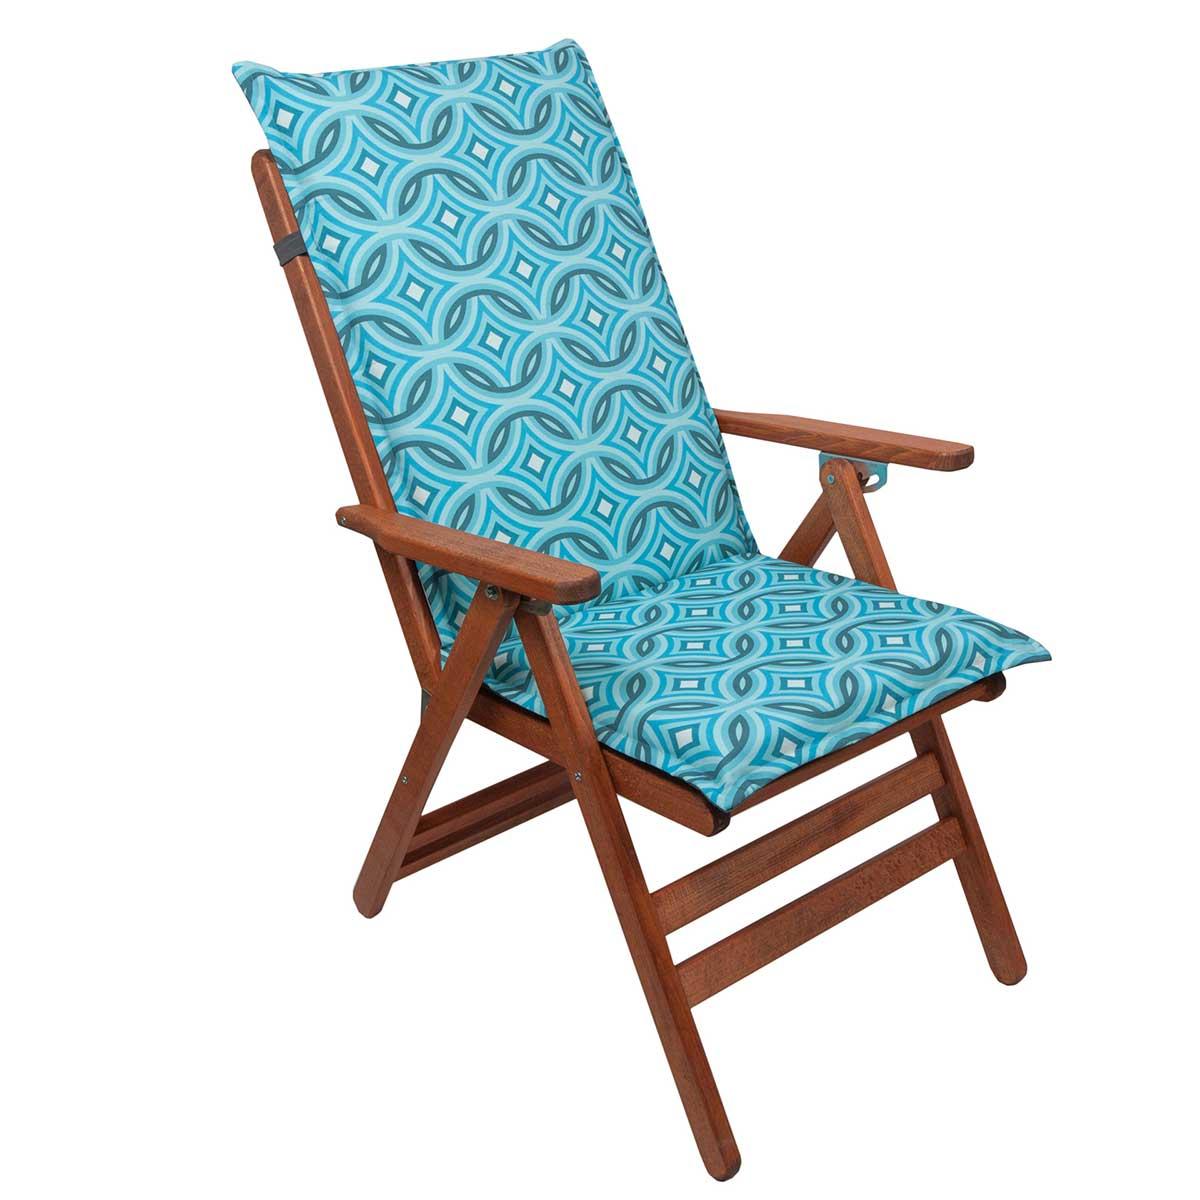 Μαξιλάρι Καρέκλας 2 Όψεων Με Πλάτη 70cm Be Comfy Cruzar 405